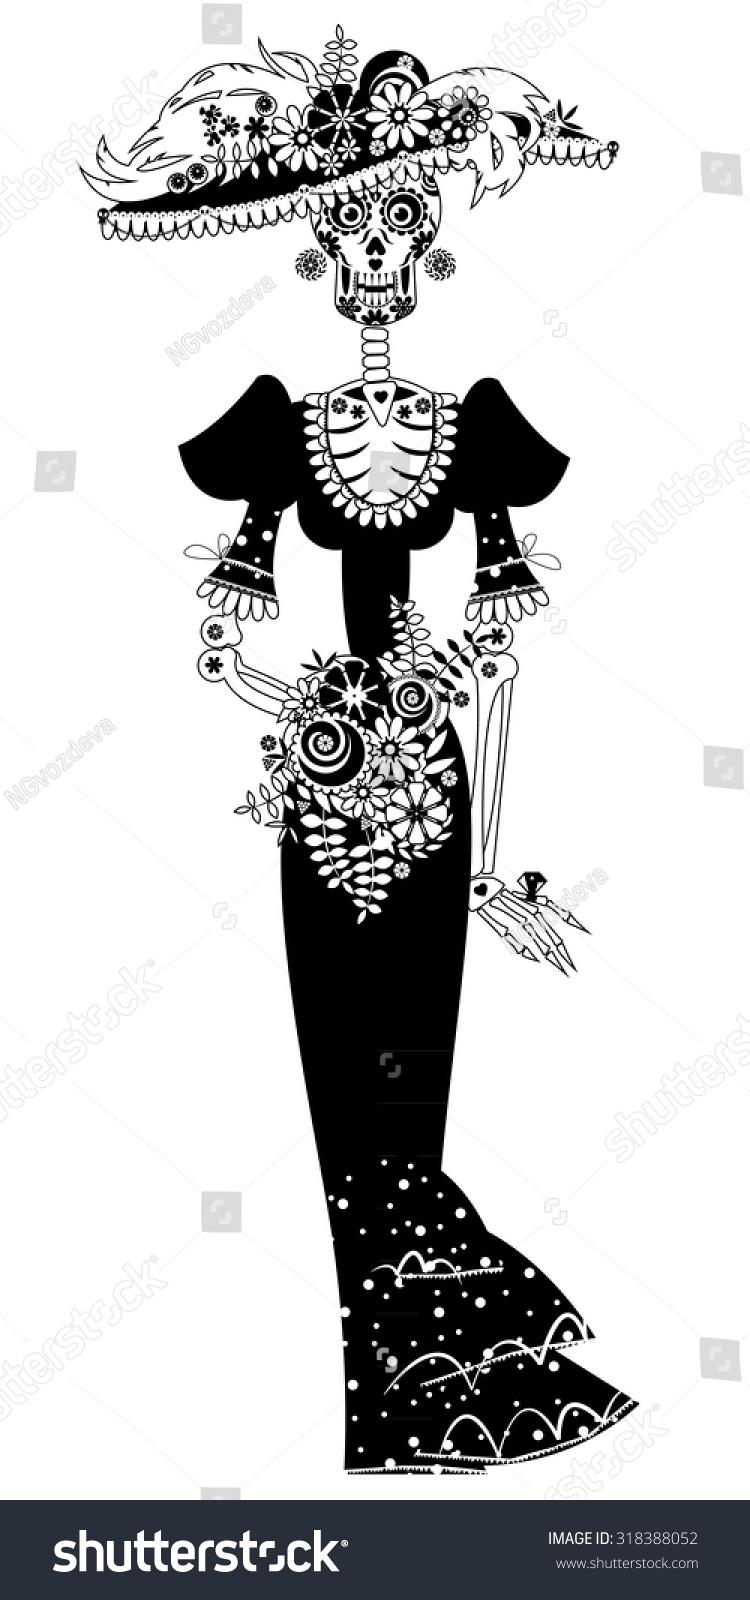 La Calavera Catrina Elegant Skull Dia Stock Vector Royalty Free